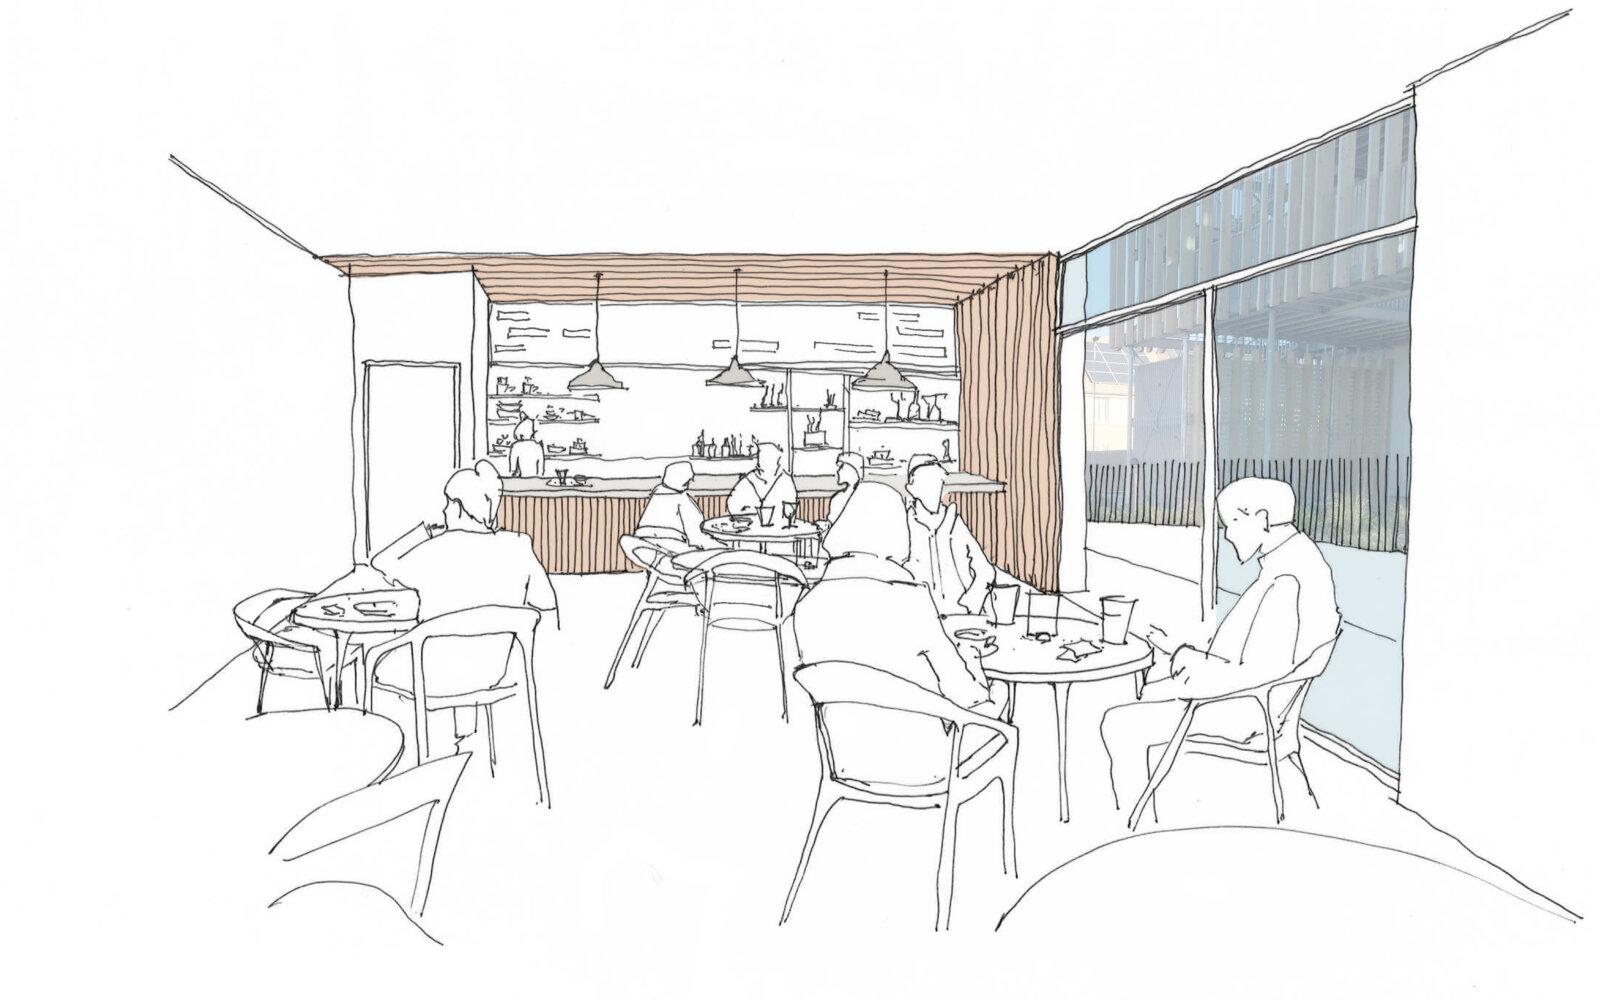 Elmsbrook Local Centre cafe sketch